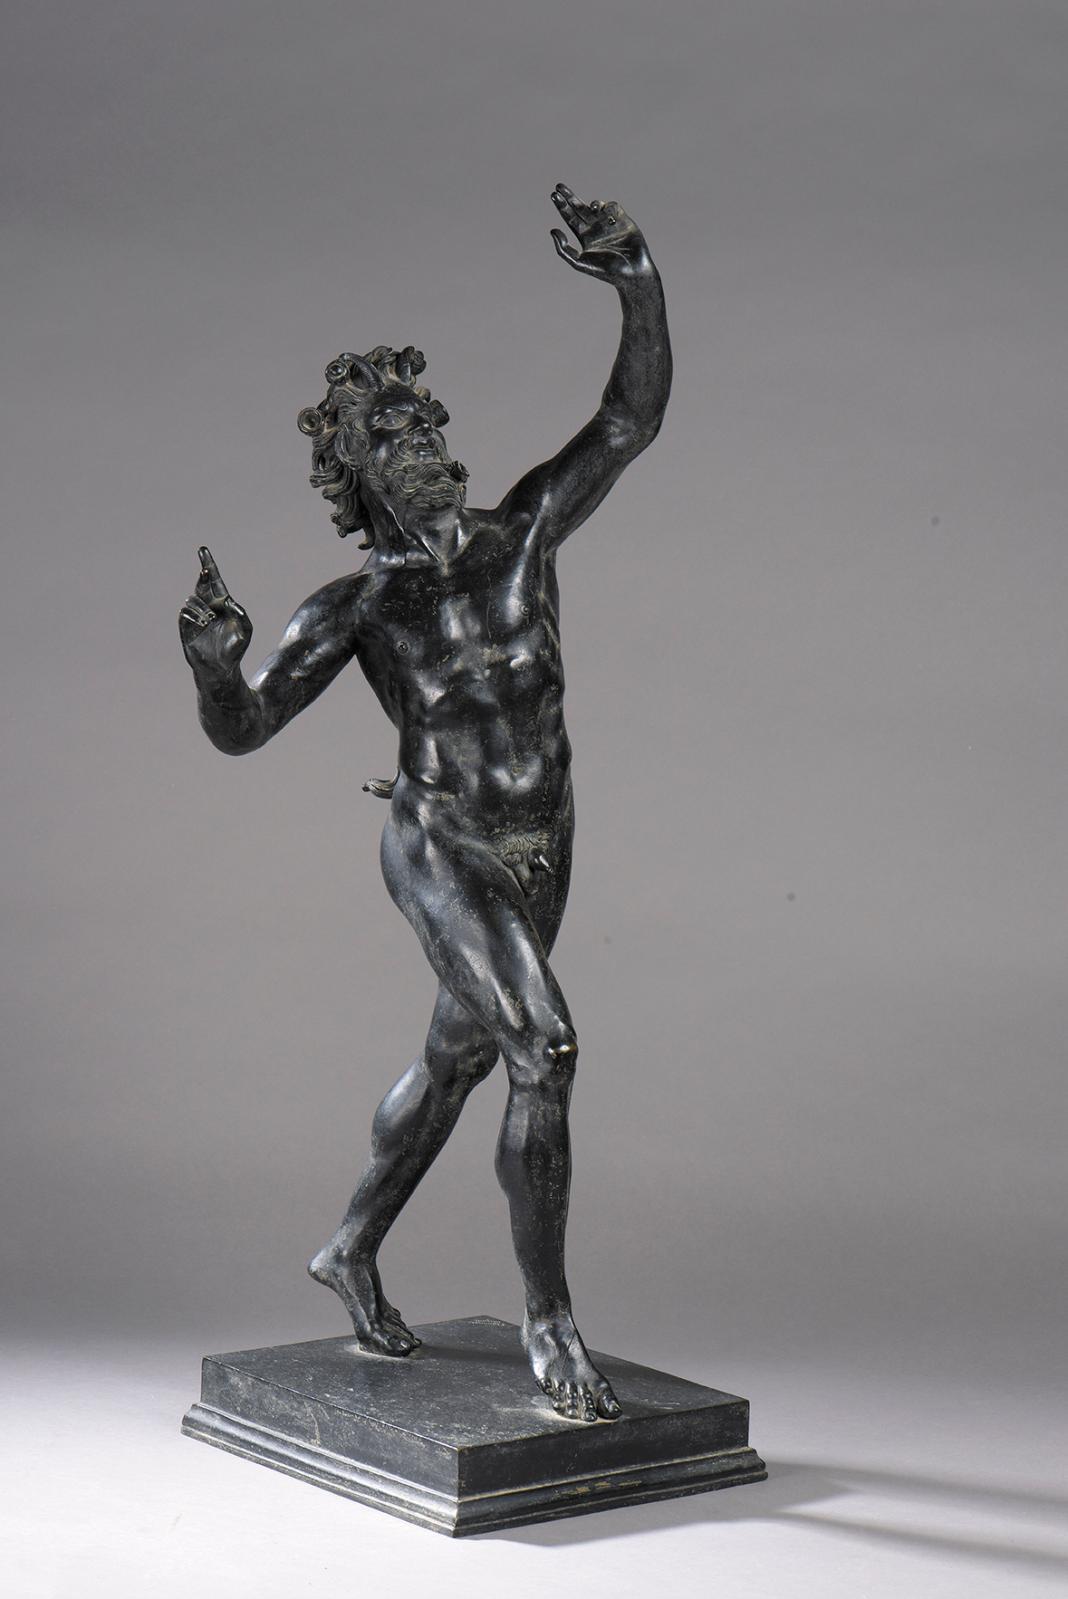 XIXesiècle, d'après l'antique. Faune dansant, bronze à patine brune, h.82cm. Paris, Drouot, 20 septembre 2017. Farrando OVV. Adjugé: 2